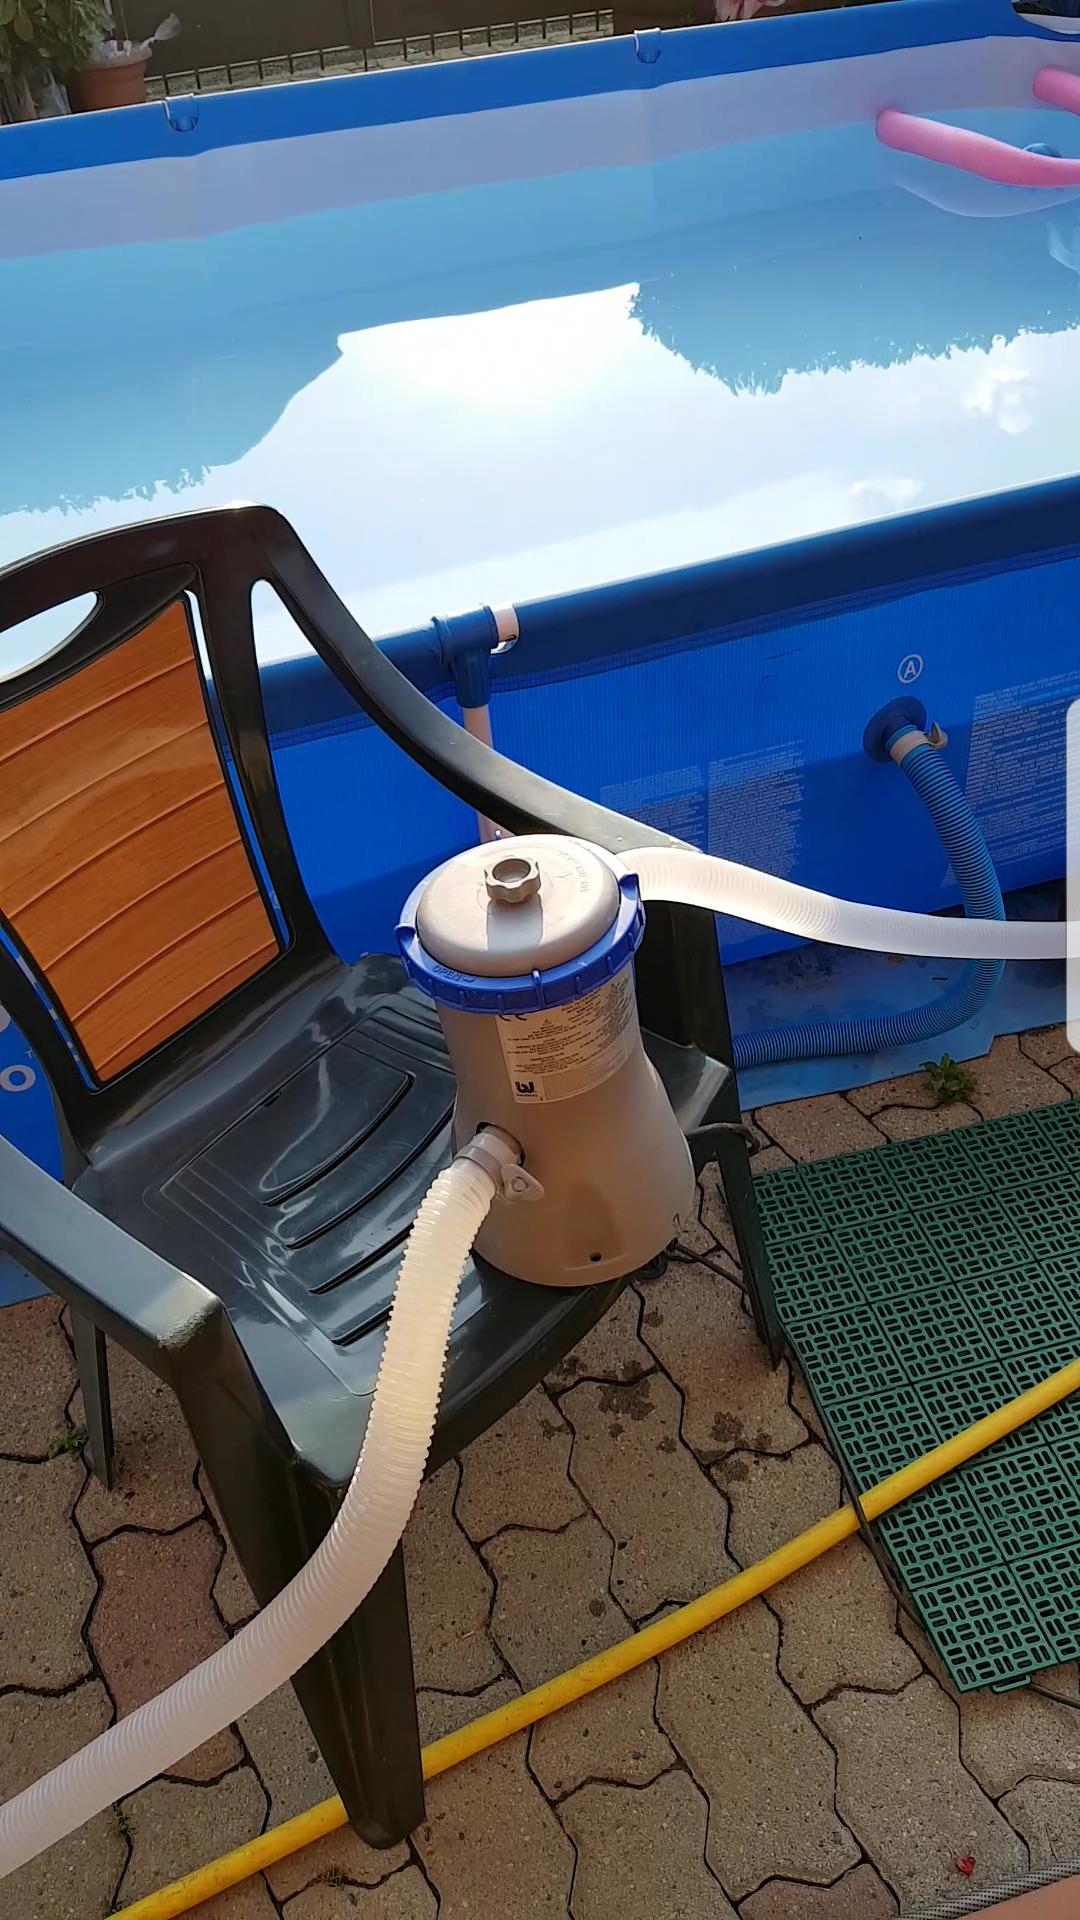 Pulizia del filtro della piscina fuori terra fardasefapertre for Piani del padiglione della piscina